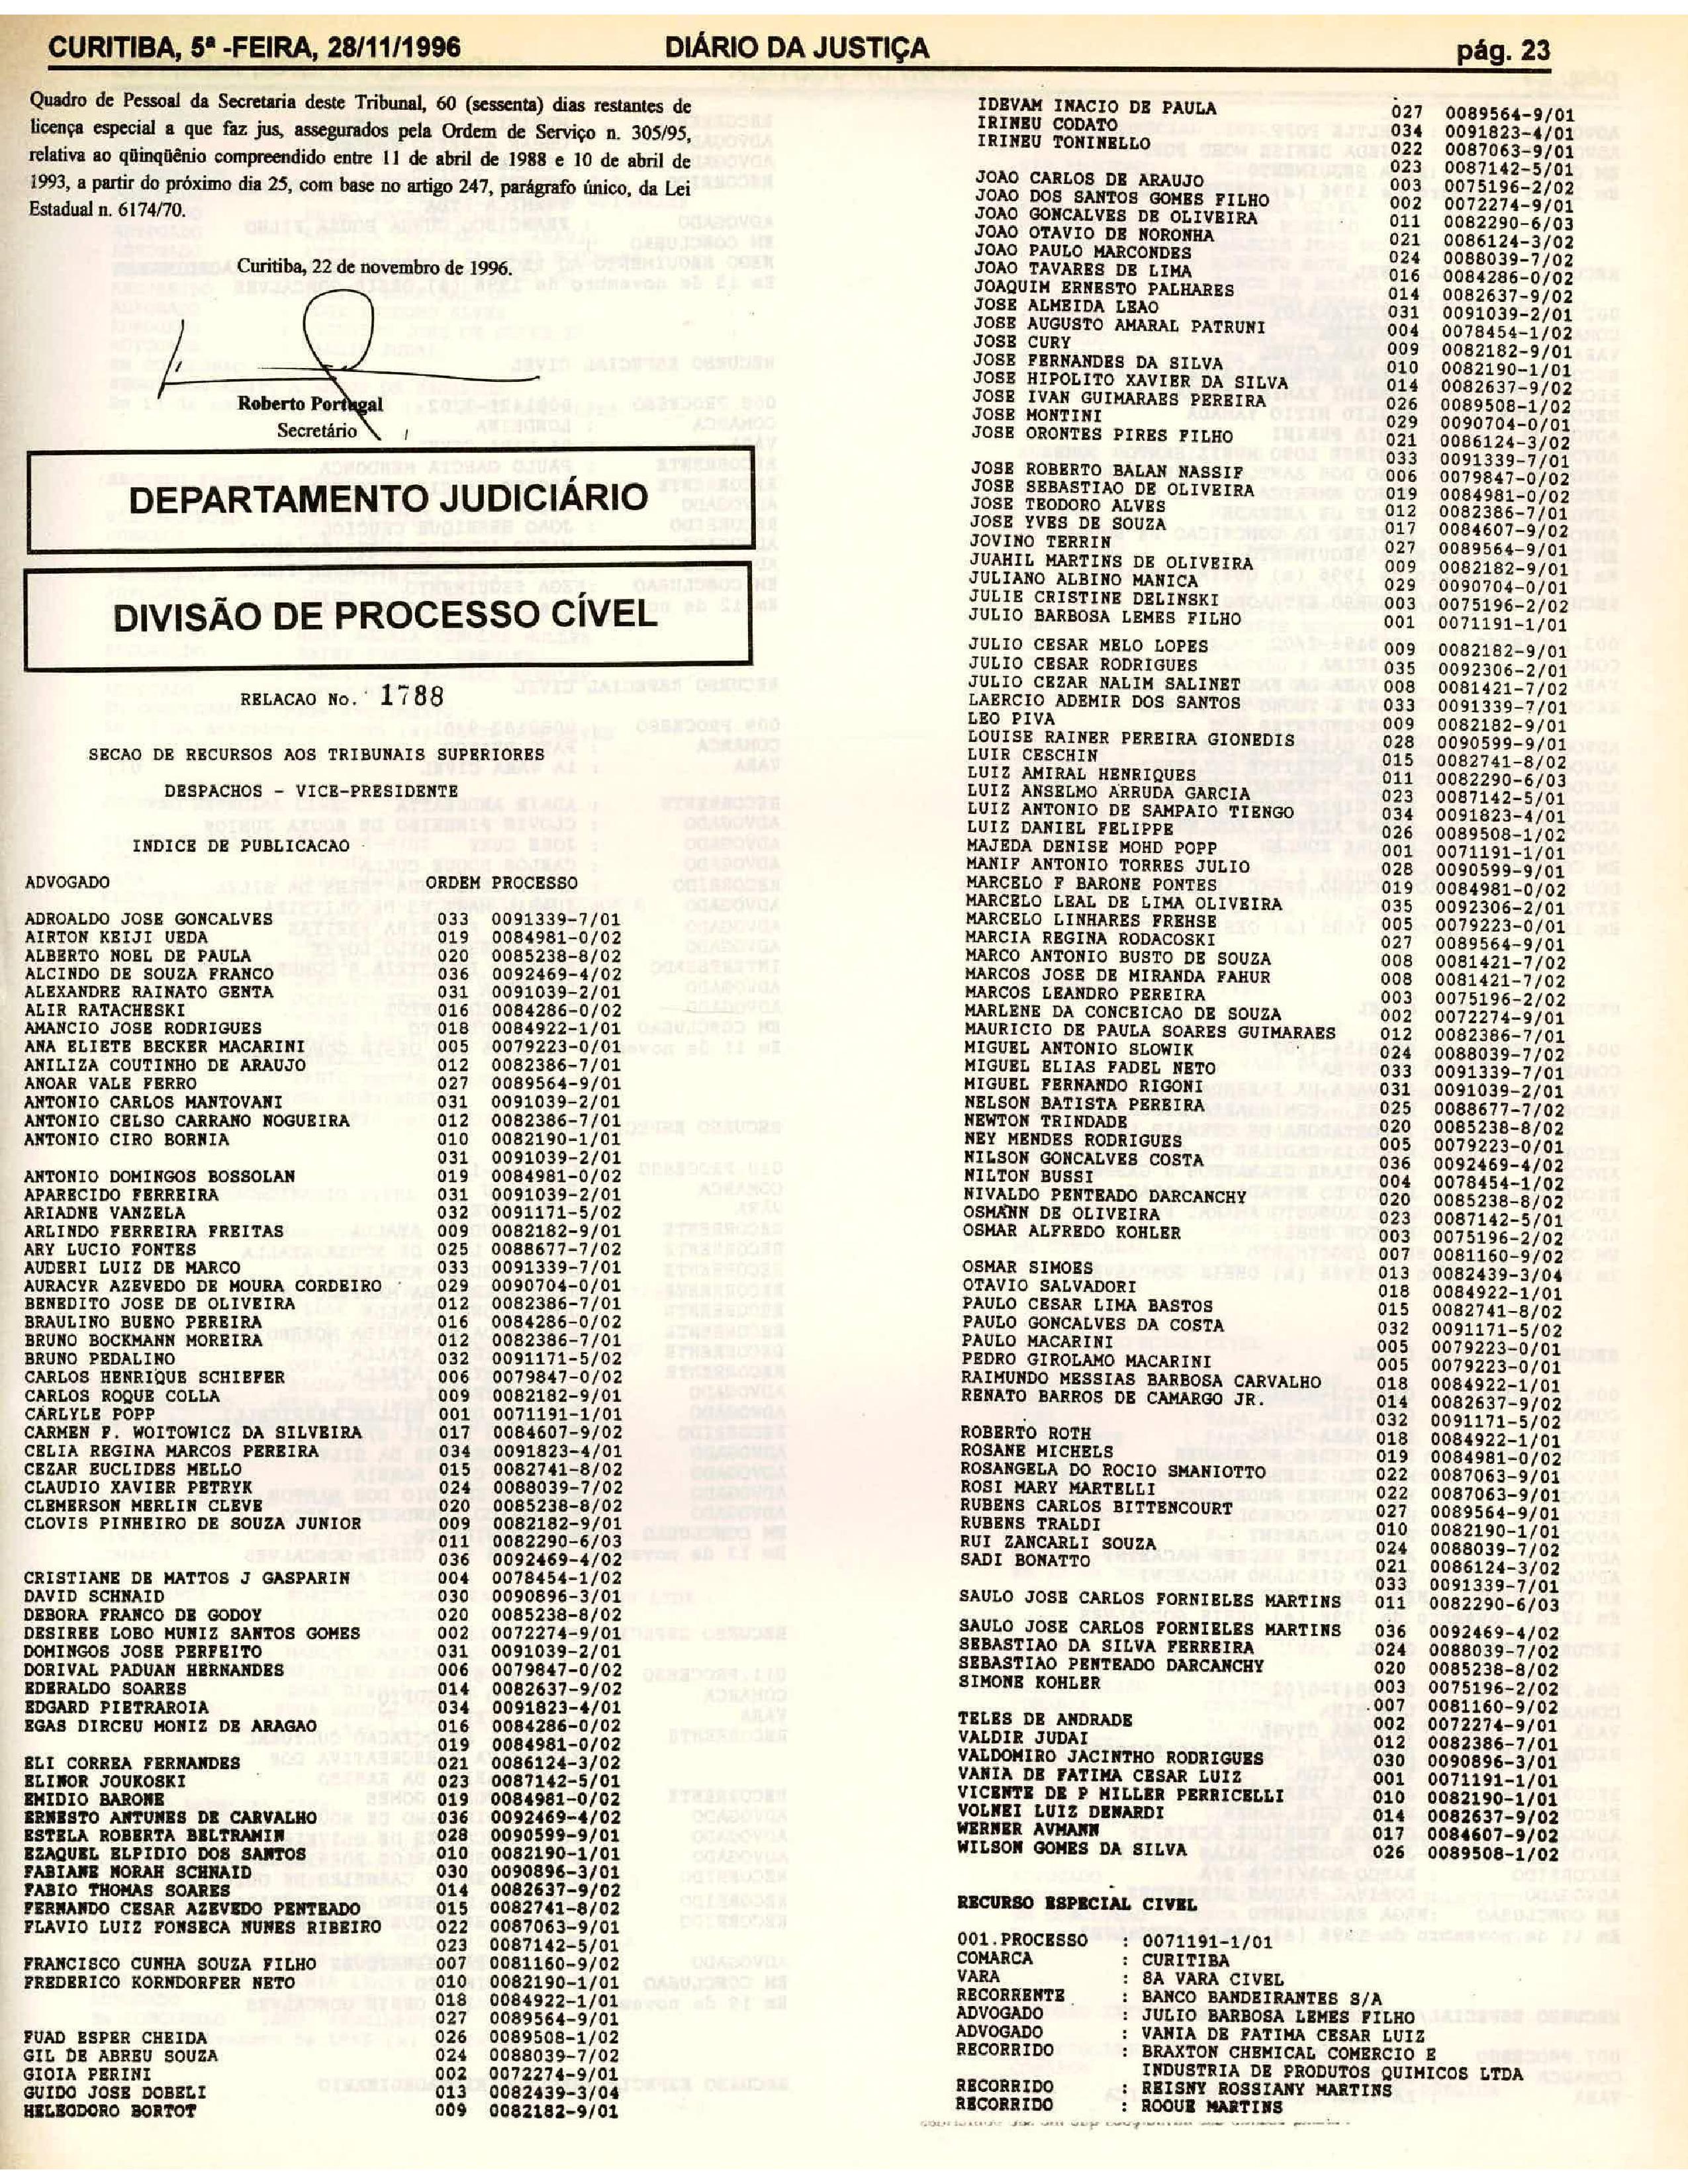 Diário da Justiça Antigos - TJPR 9a1e30c1c9